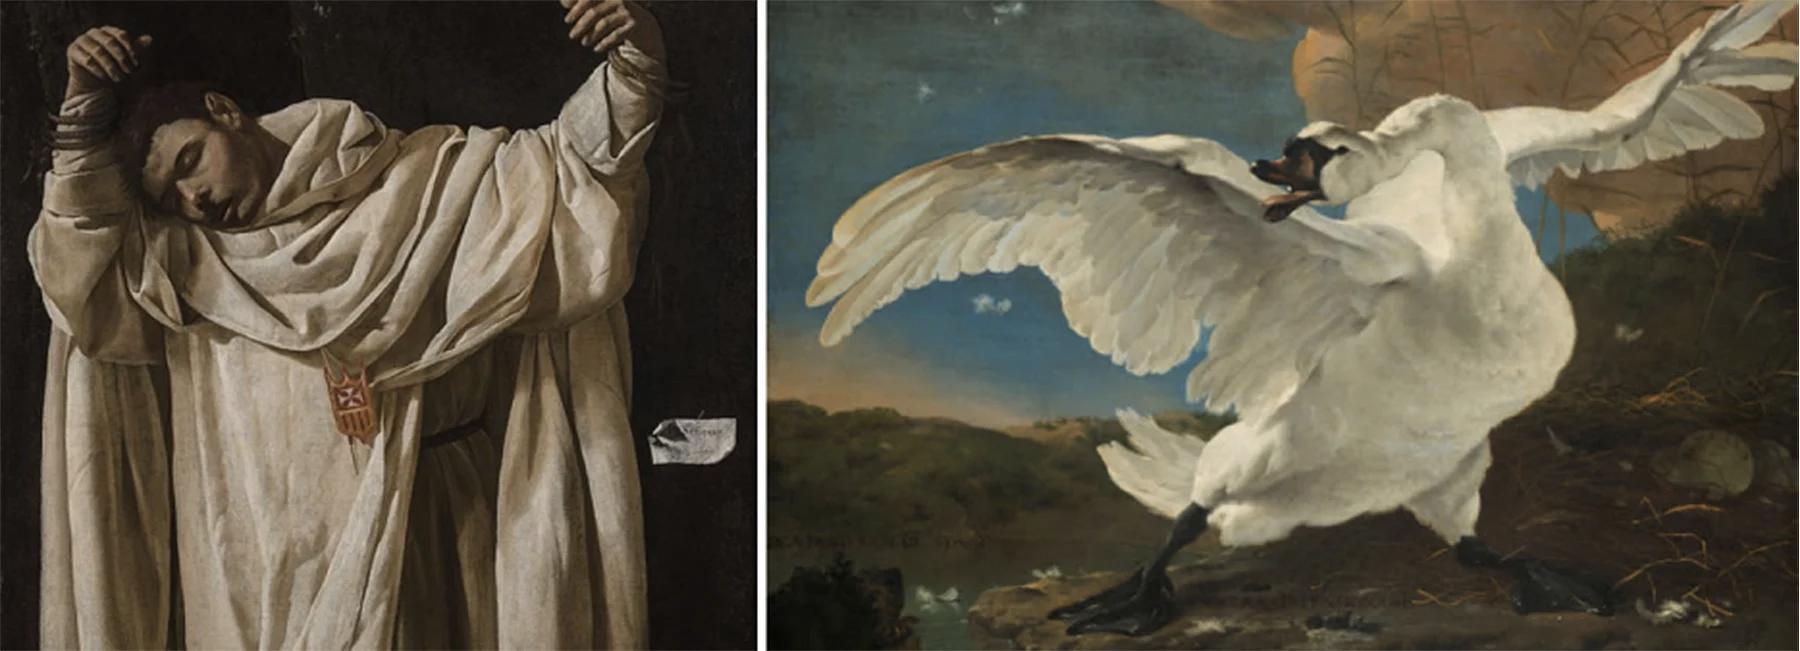 MIT розробив алгоритм, що досліджує зв'язки між творами мистецтва різних культур